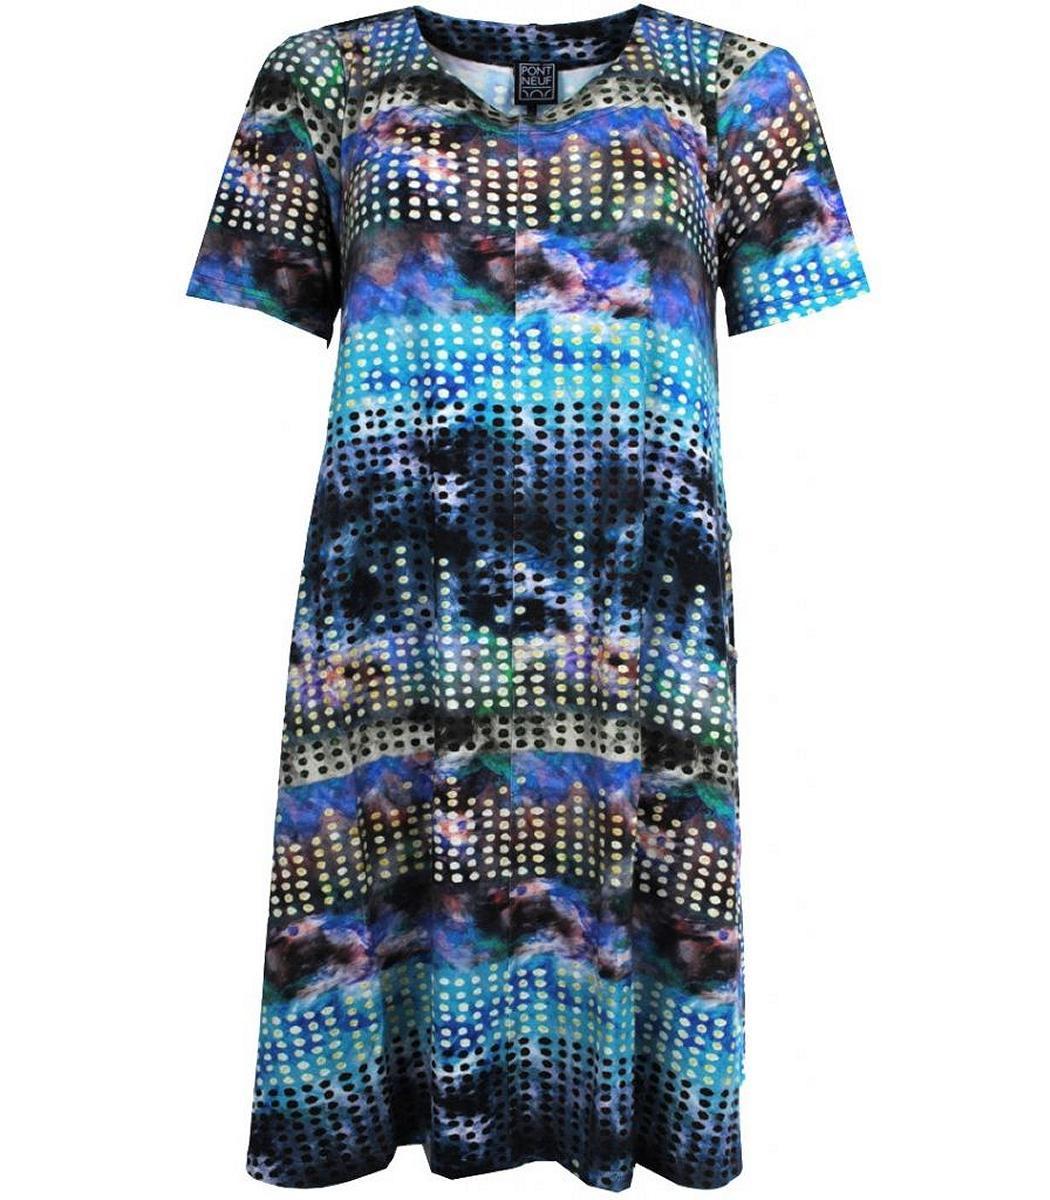 Sommerkleid Damen Alinie Große Größen Knielang Blau